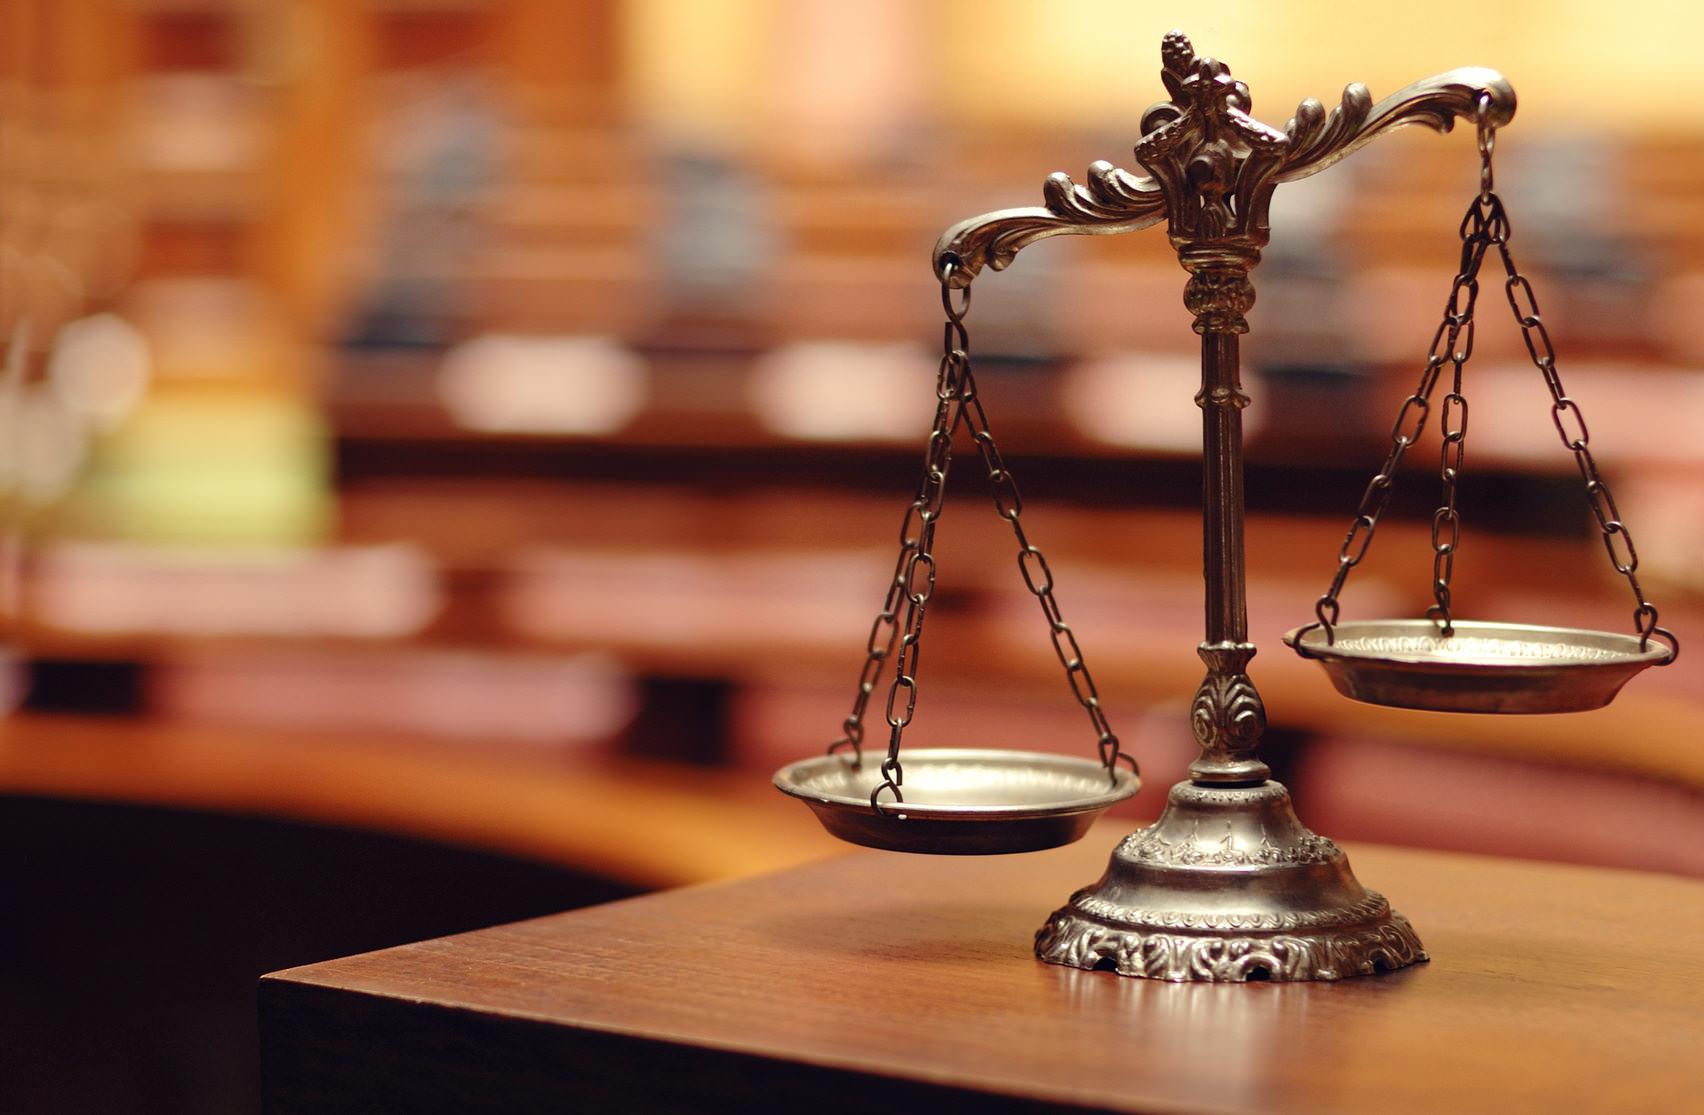 Если вы уверены, что вам положена доля в наследстве, нужно обращаться в суд (фото: Corgarashu - Fotolia.com).